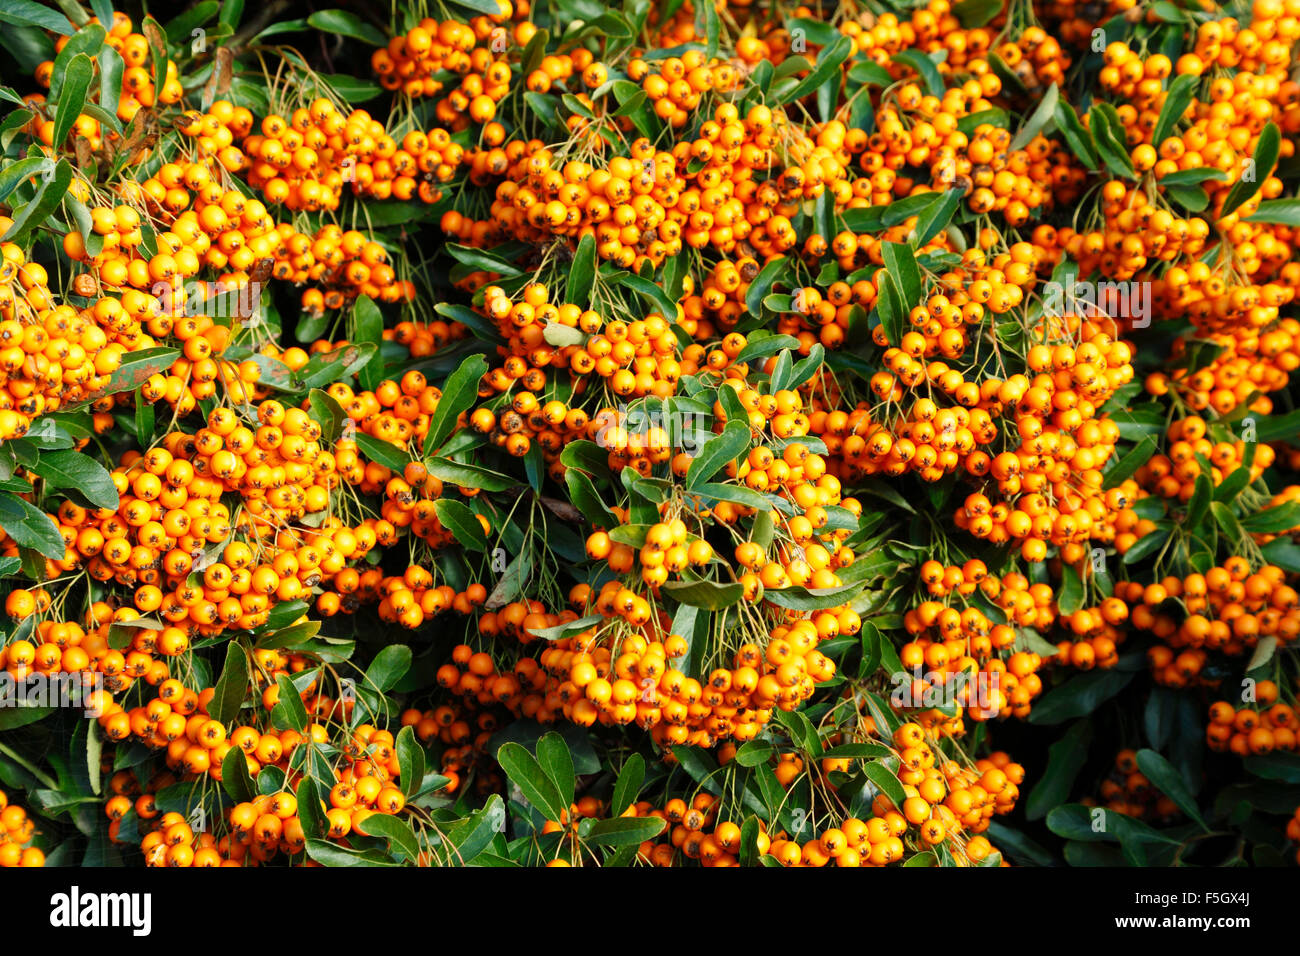 Shrubs to plant in fall - Pyracantha Orange Glow Autumn Berry Berries Garden Plant Shrub Shrubs Plants Fall